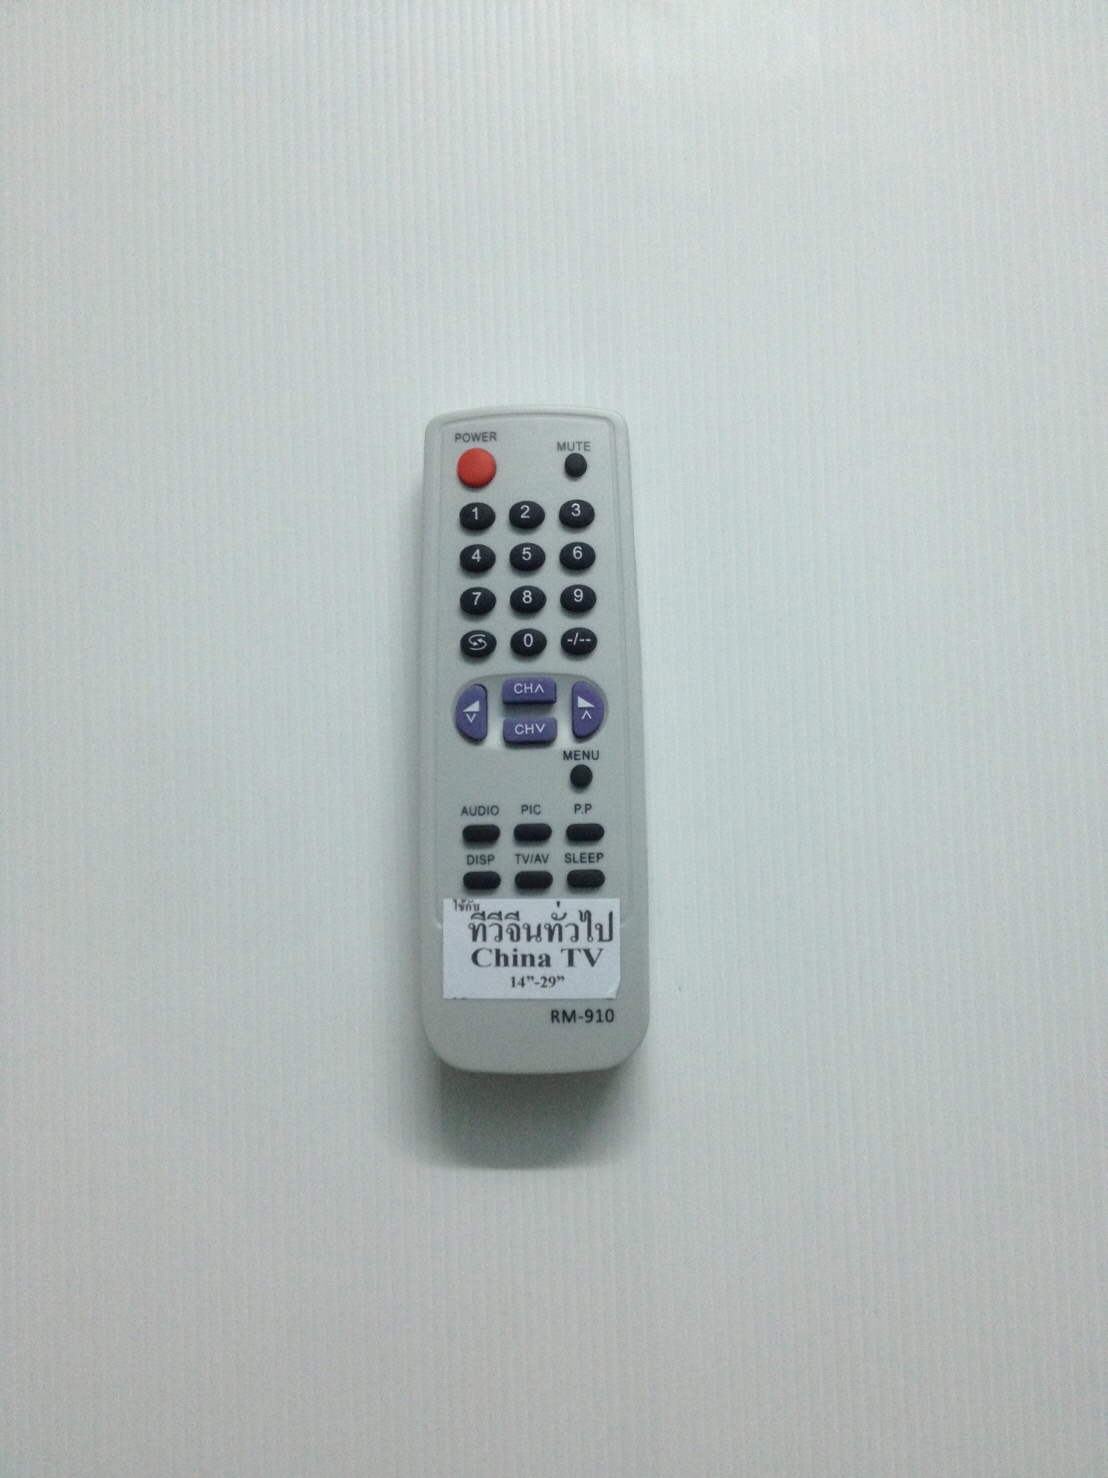 รีโมททีวีจีนทั่วไป RM-910 ลงหลายยี่ห้อ